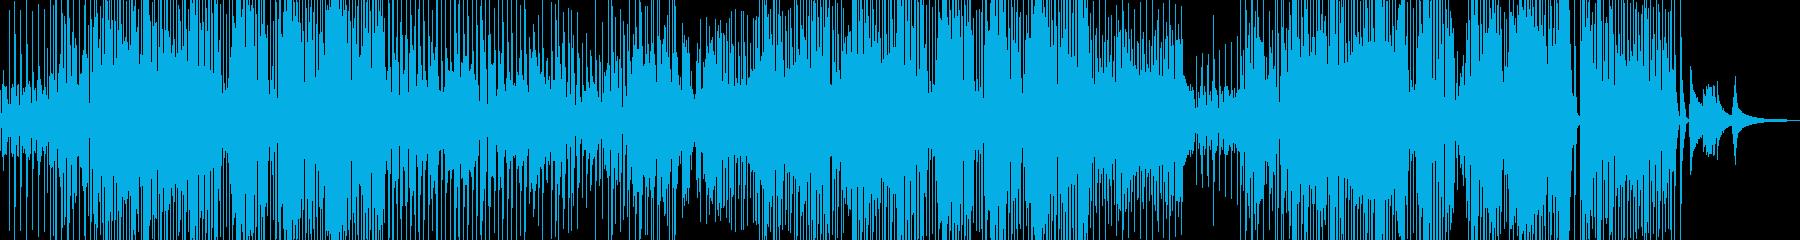 ユーモラスで軽快なジャズの再生済みの波形